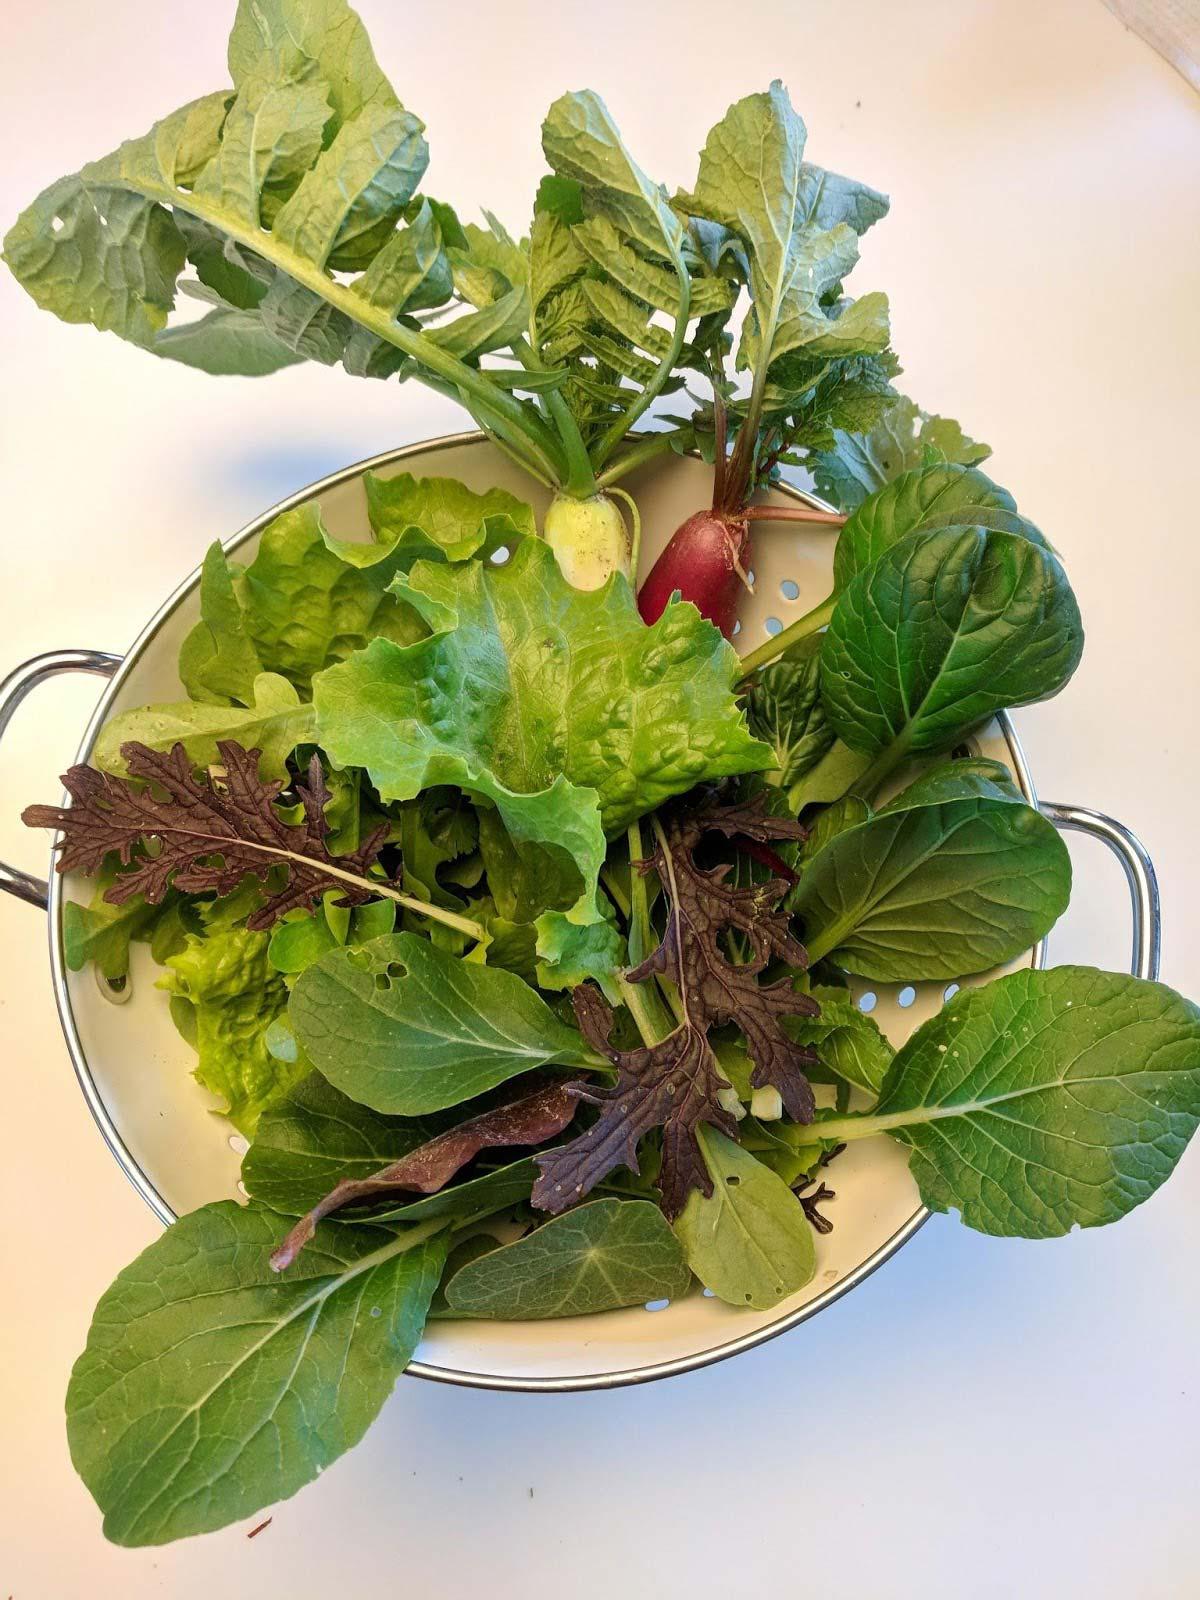 Salatalık yapraklarında beyaz lekeler: endişe için herhangi bir sebep var mı 33